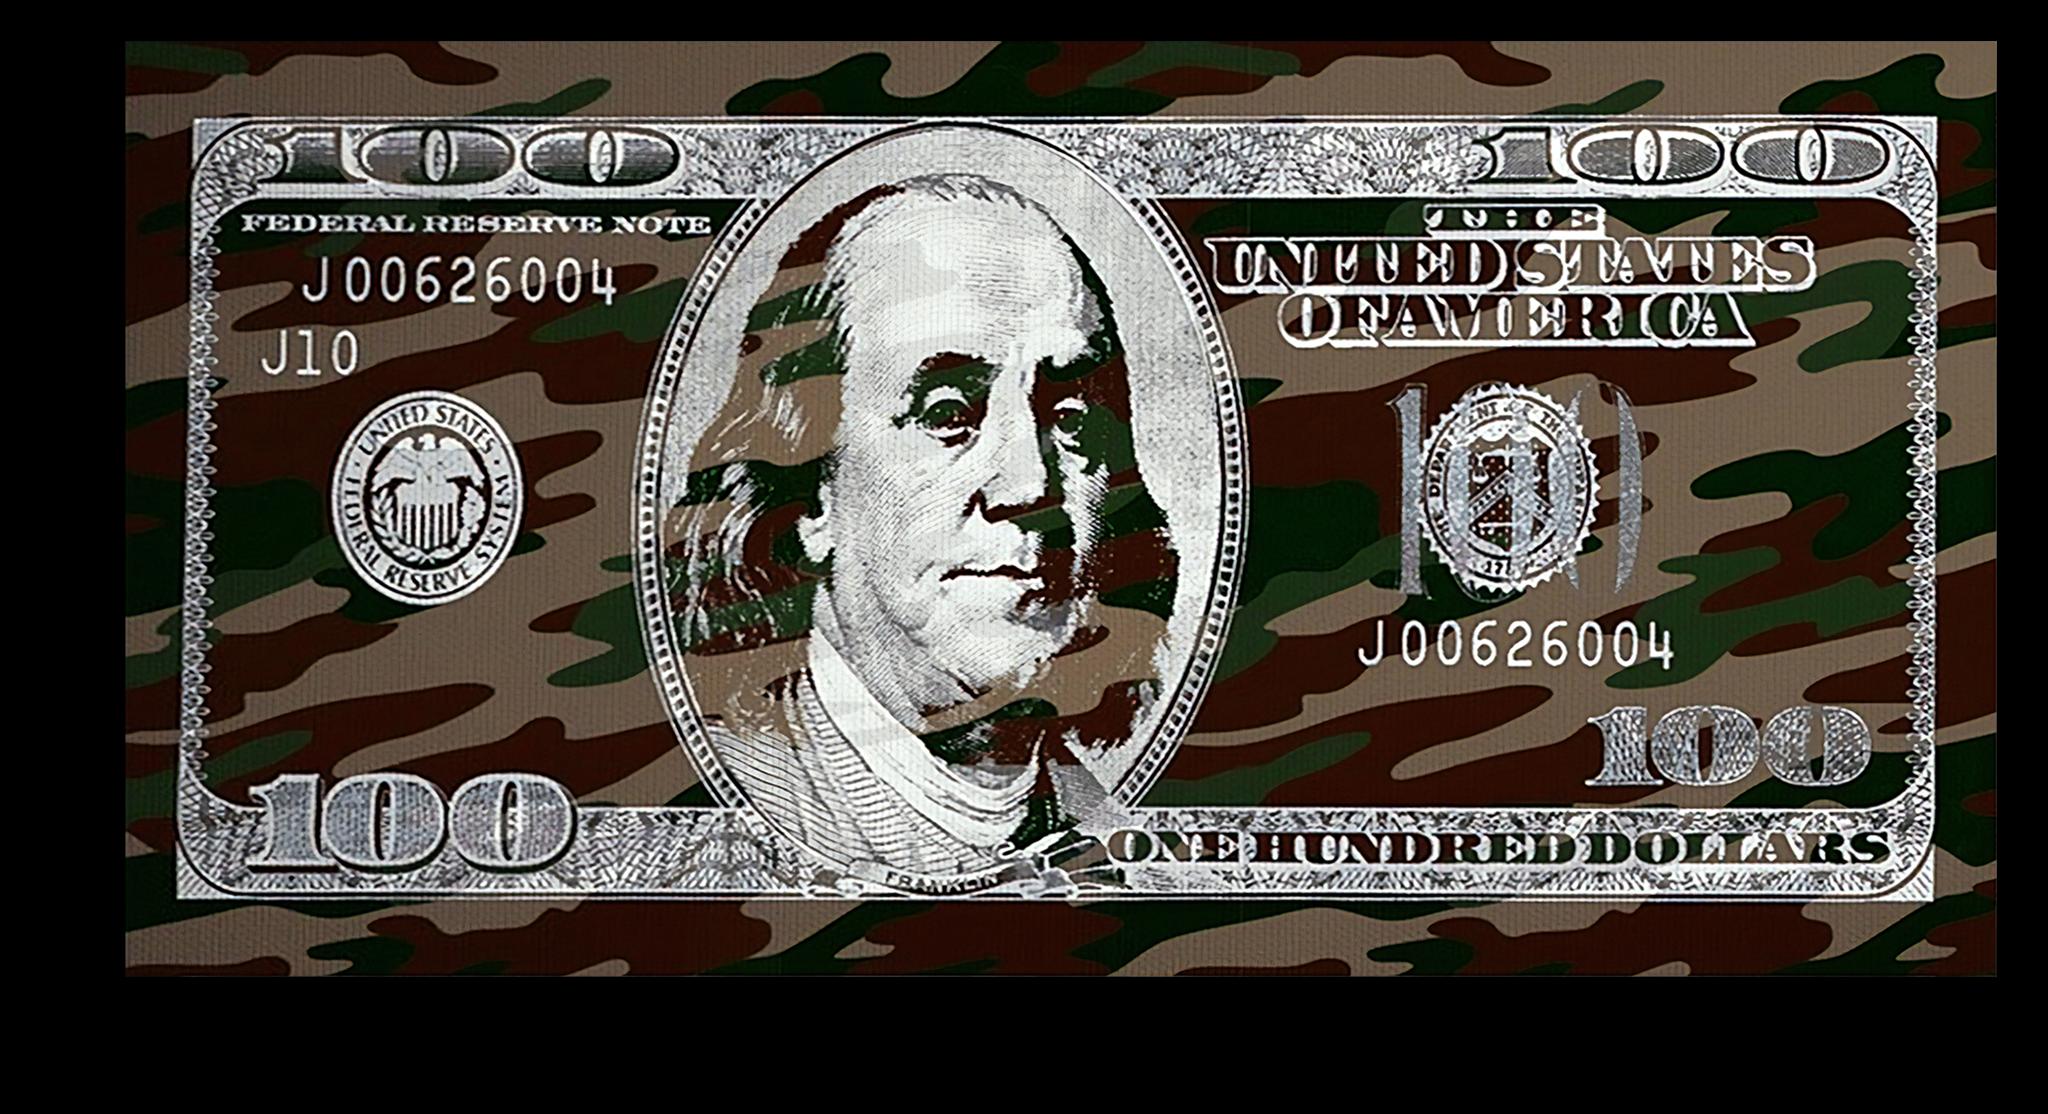 наконец-то постер с долларами виниловый